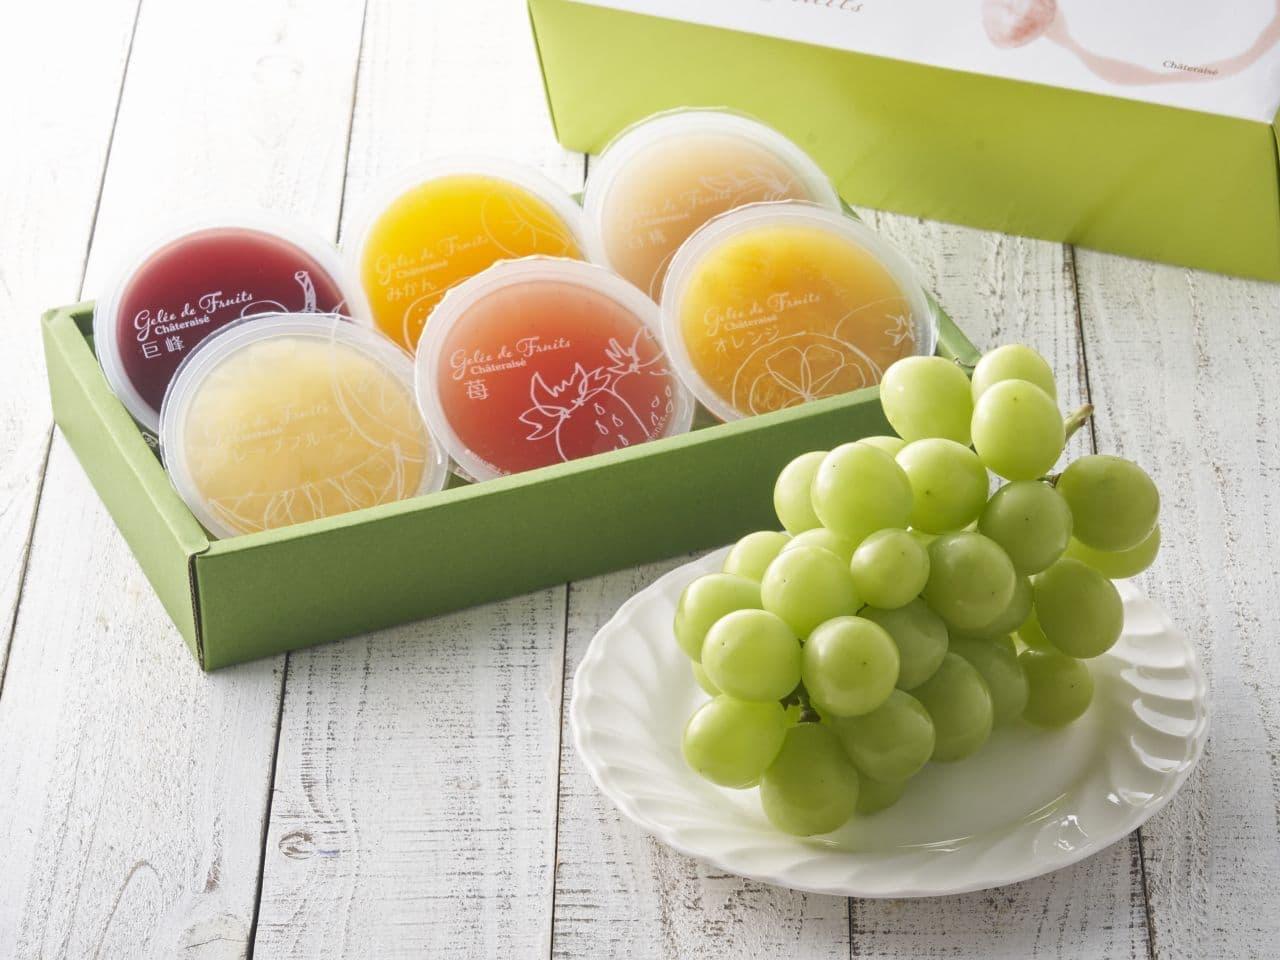 シャトレーゼ「山梨県産シャインマスカットとフルーツのジュレ詰合せ」